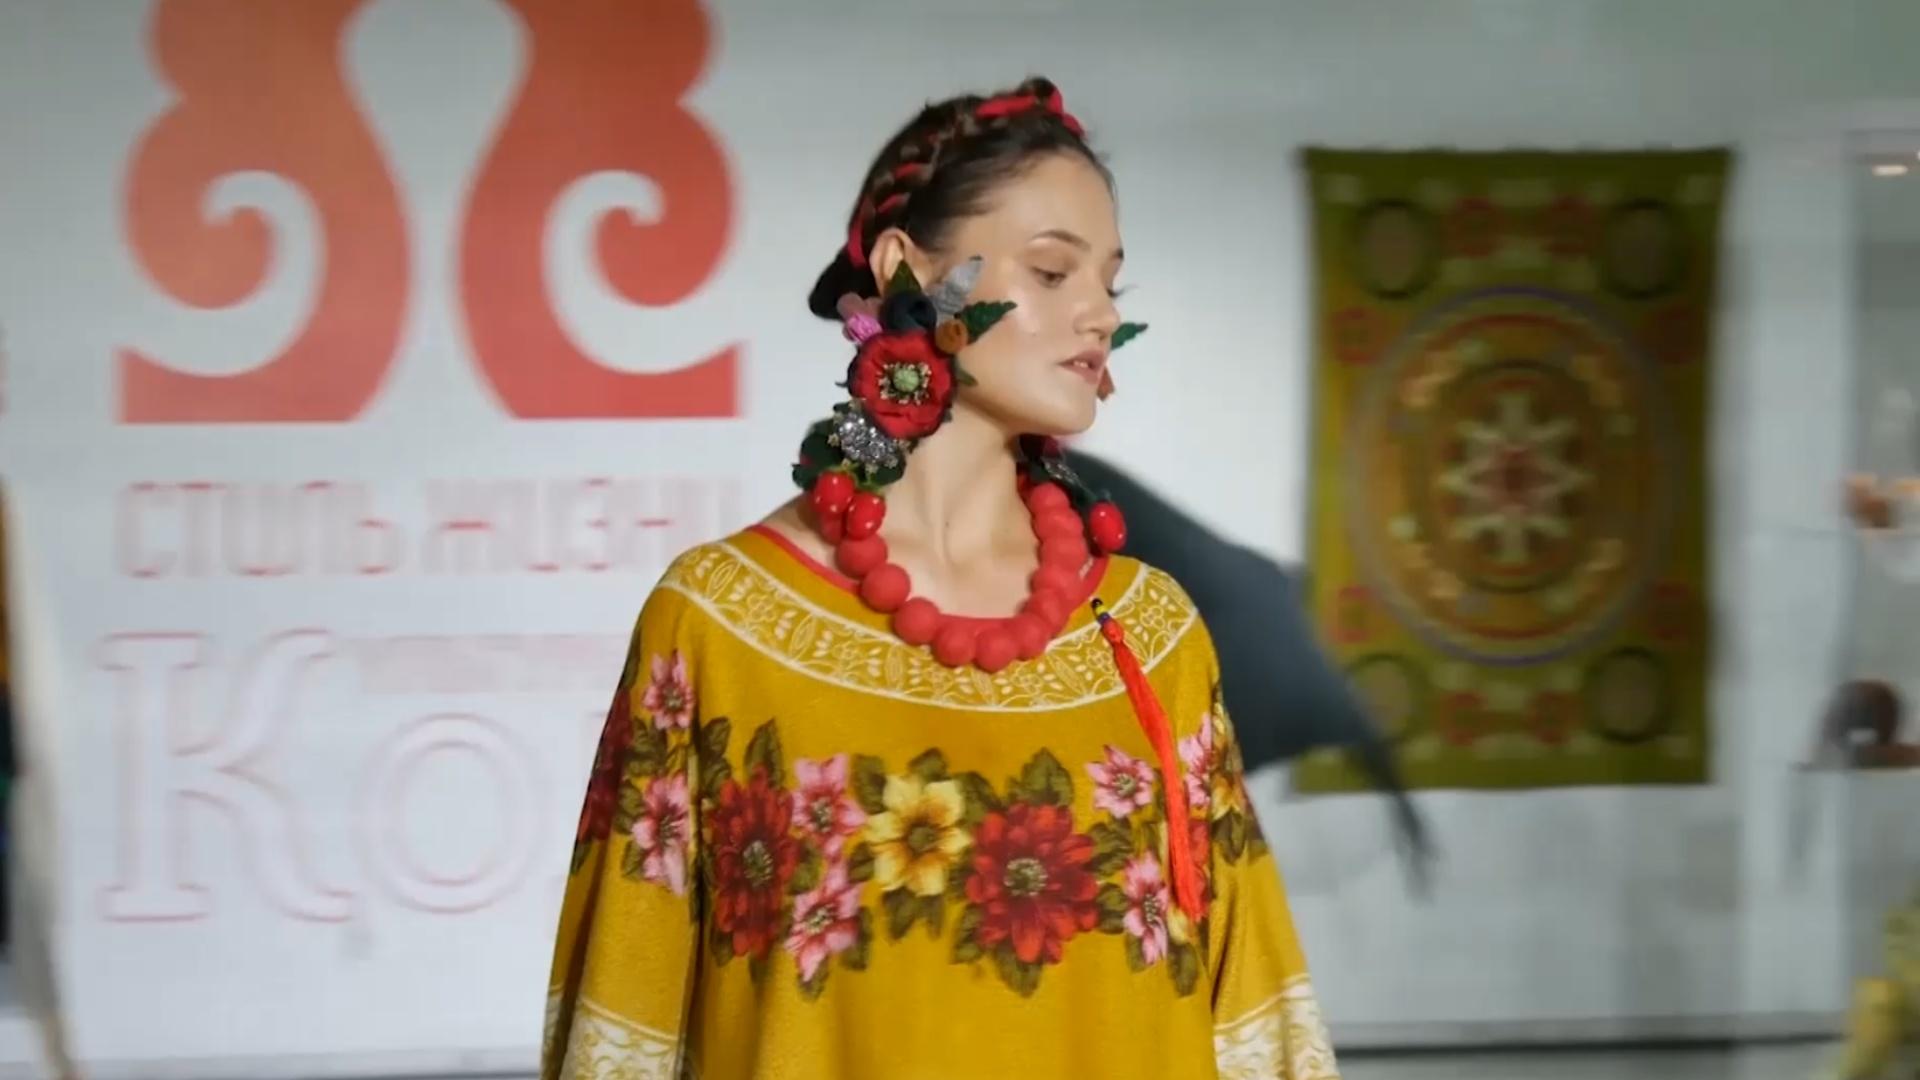 Мода и ремёсла: в Казани прошёл этнофестиваль «Стиль жизни – Культурный код»